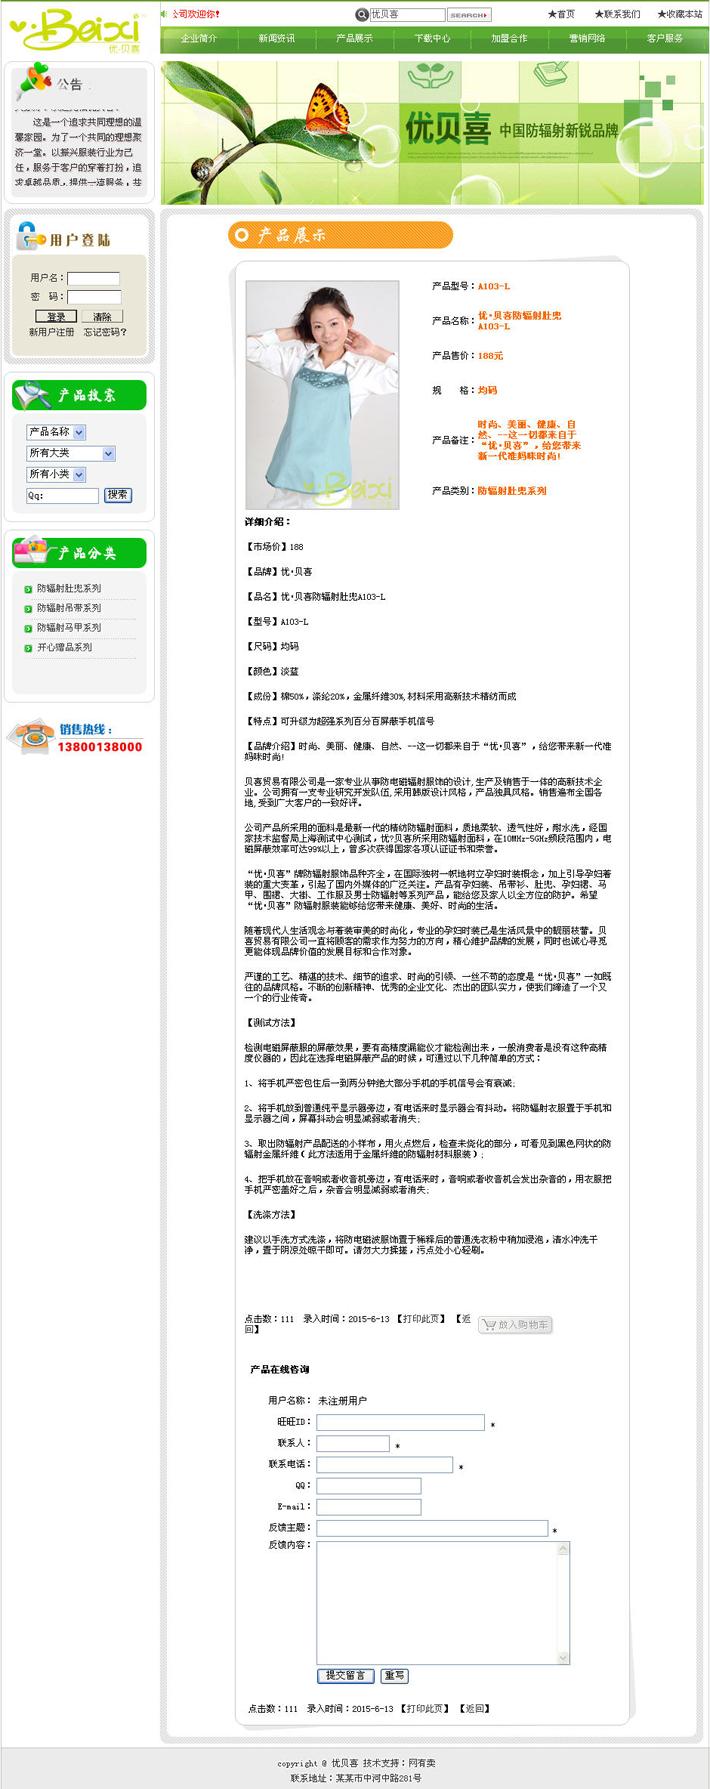 孕妇防辐射服网站源代码